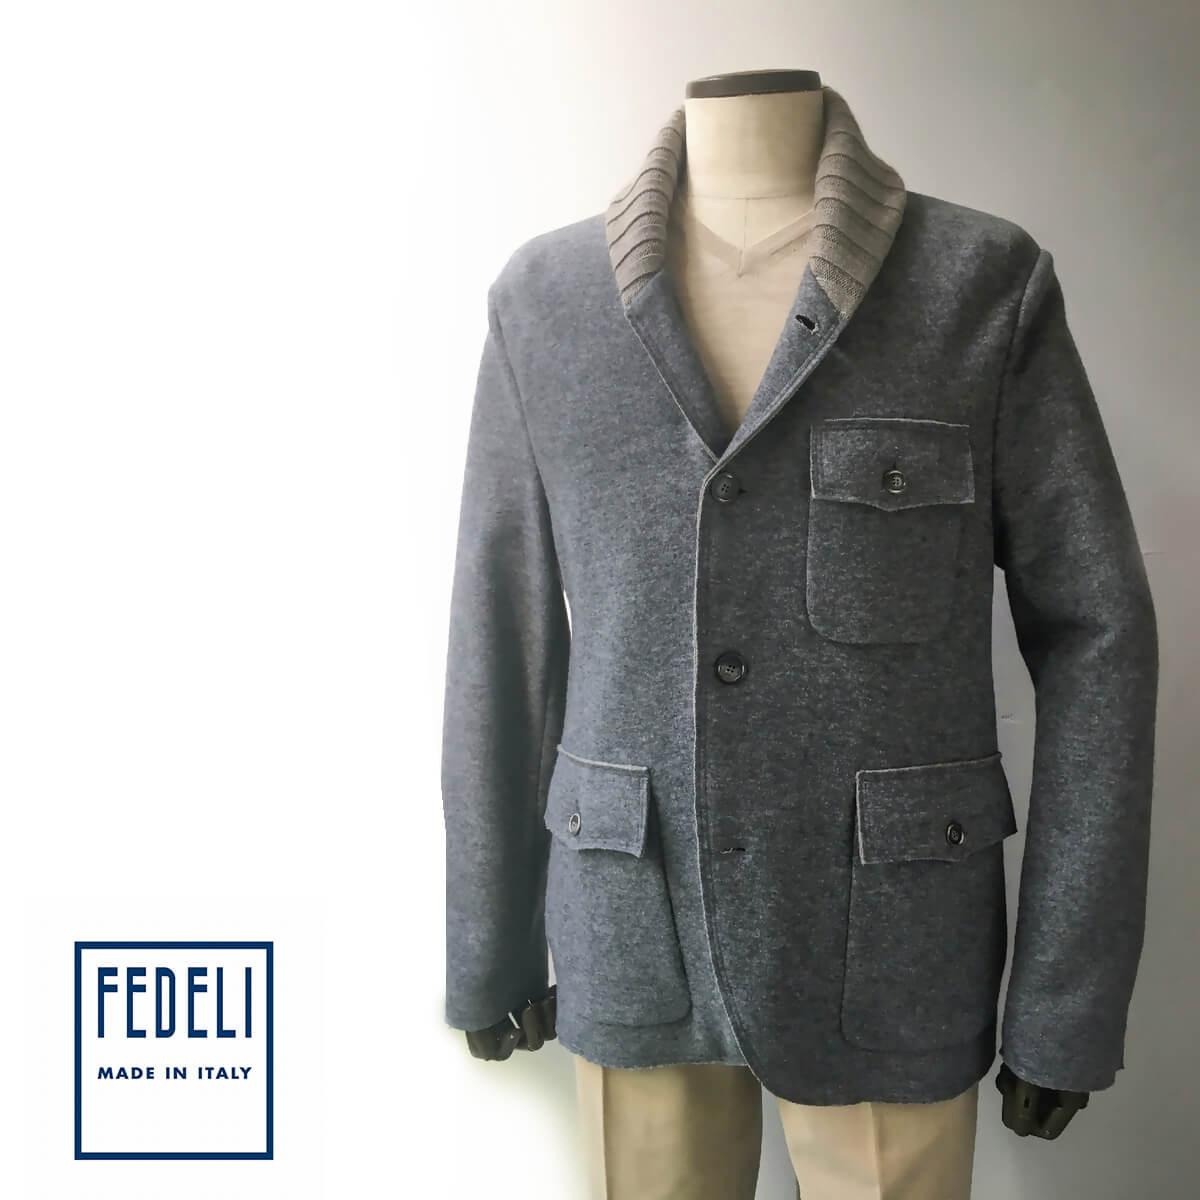 FEDELI (フェデーリ) ヘチマ襟カジュアルカシミヤジャケット メンズ ブランド カジュアル 大きいサイズ カシミヤ グレー